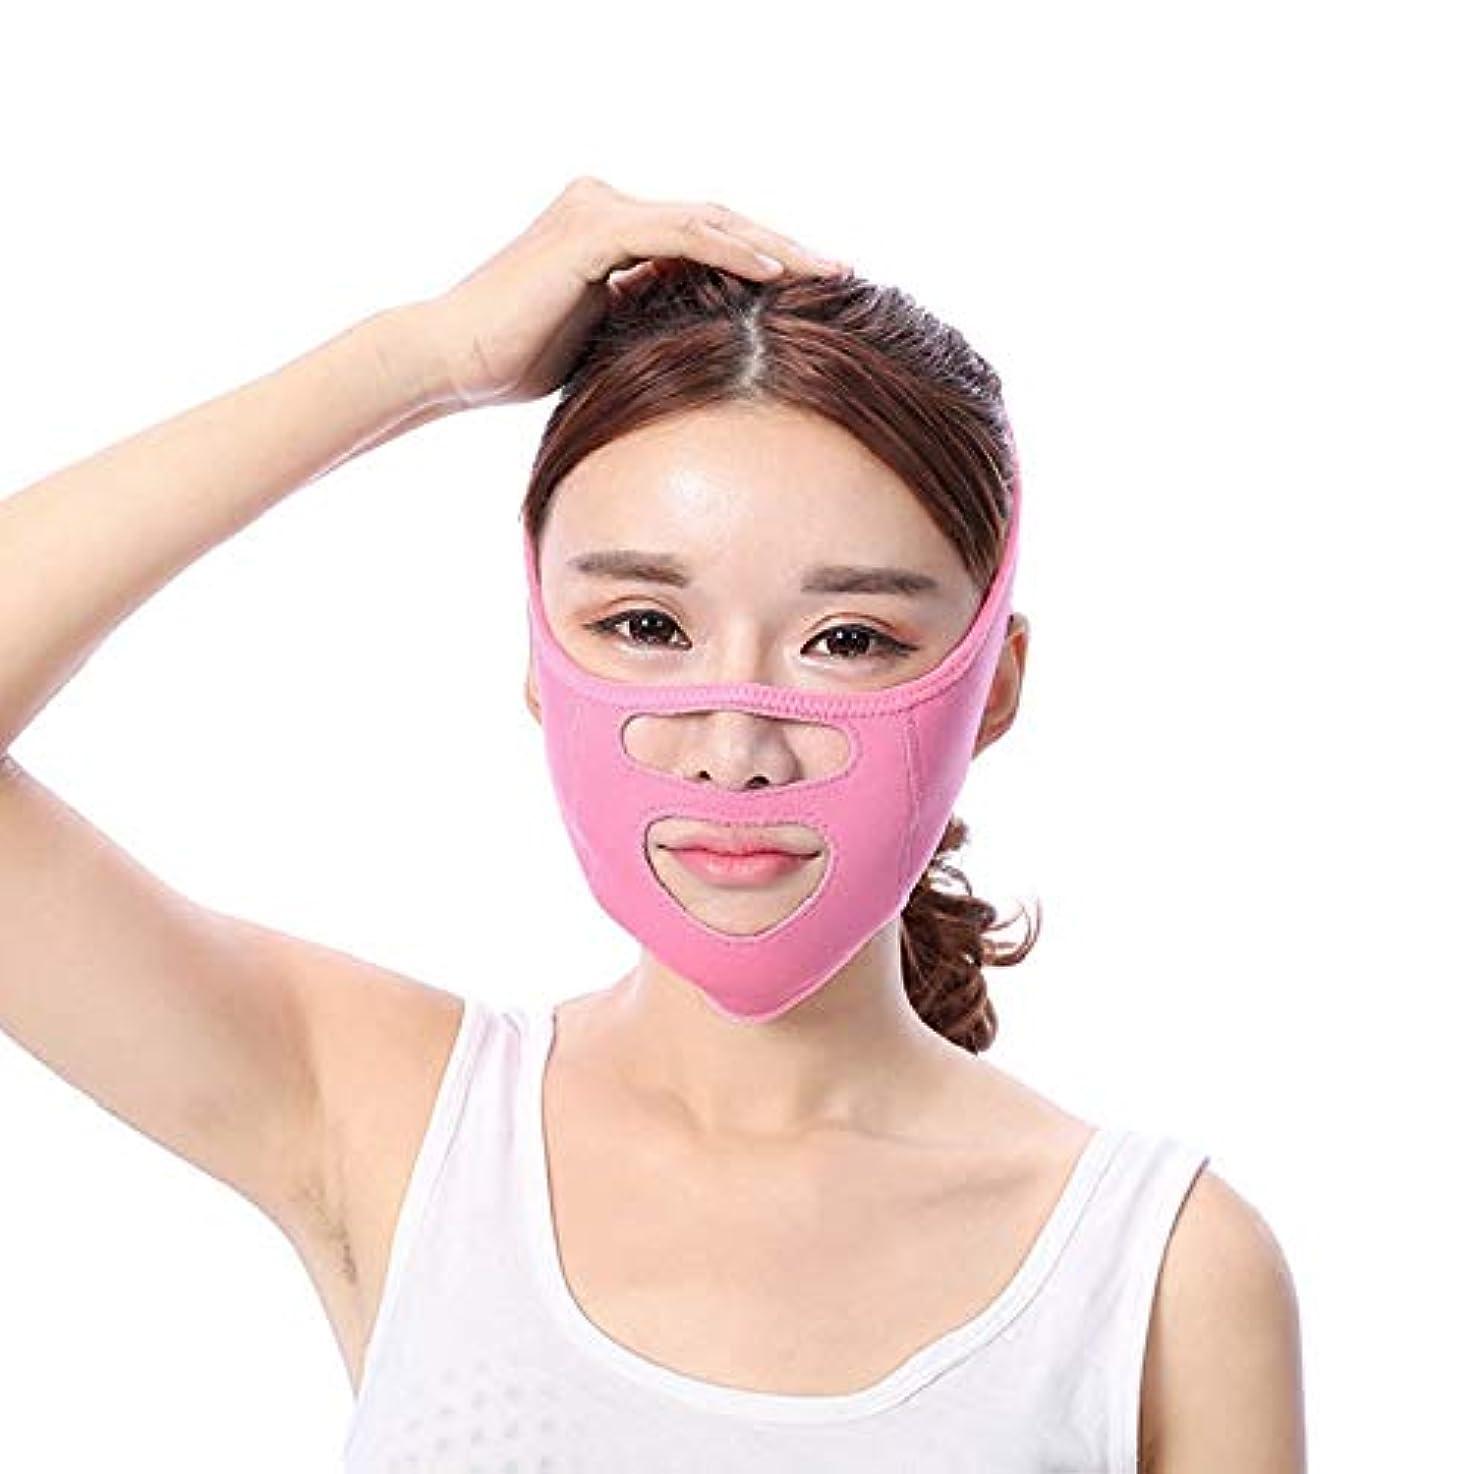 重荷キルト友だち飛強強 顔の持ち上がる痩身ベルト - あなたの顔のための素晴らしいトレーニング二重あごのワークアウトフェイスマスクベルト薄い顔包帯整形マスクは顔と首を締めますフェイススリム スリムフィット美容ツール